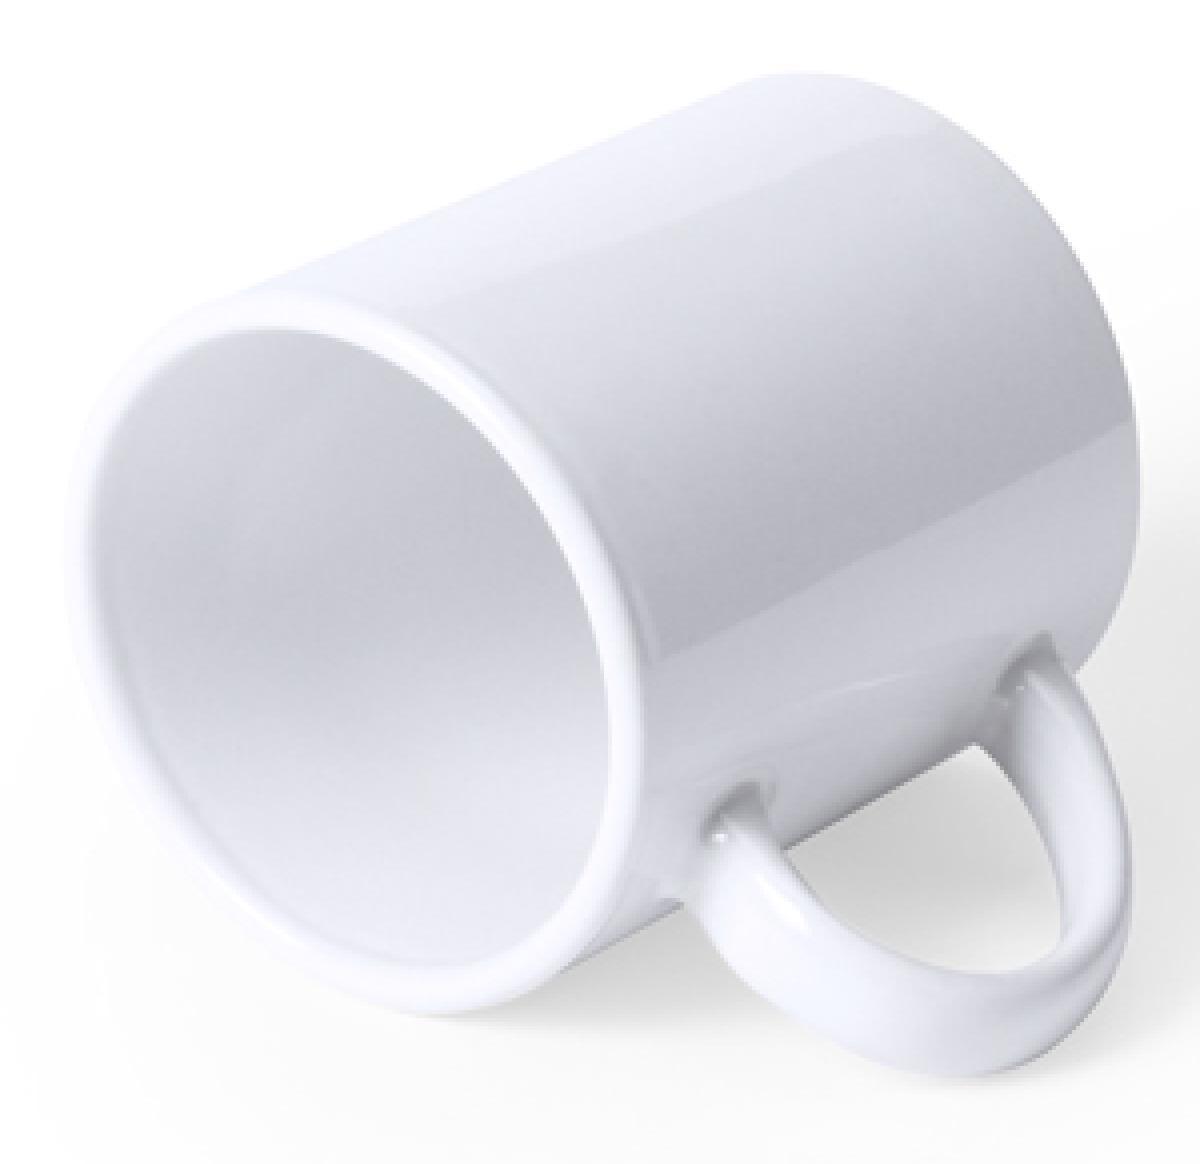 Sublimation Mug Dolten - Buy Promotional Products UK | Corporate